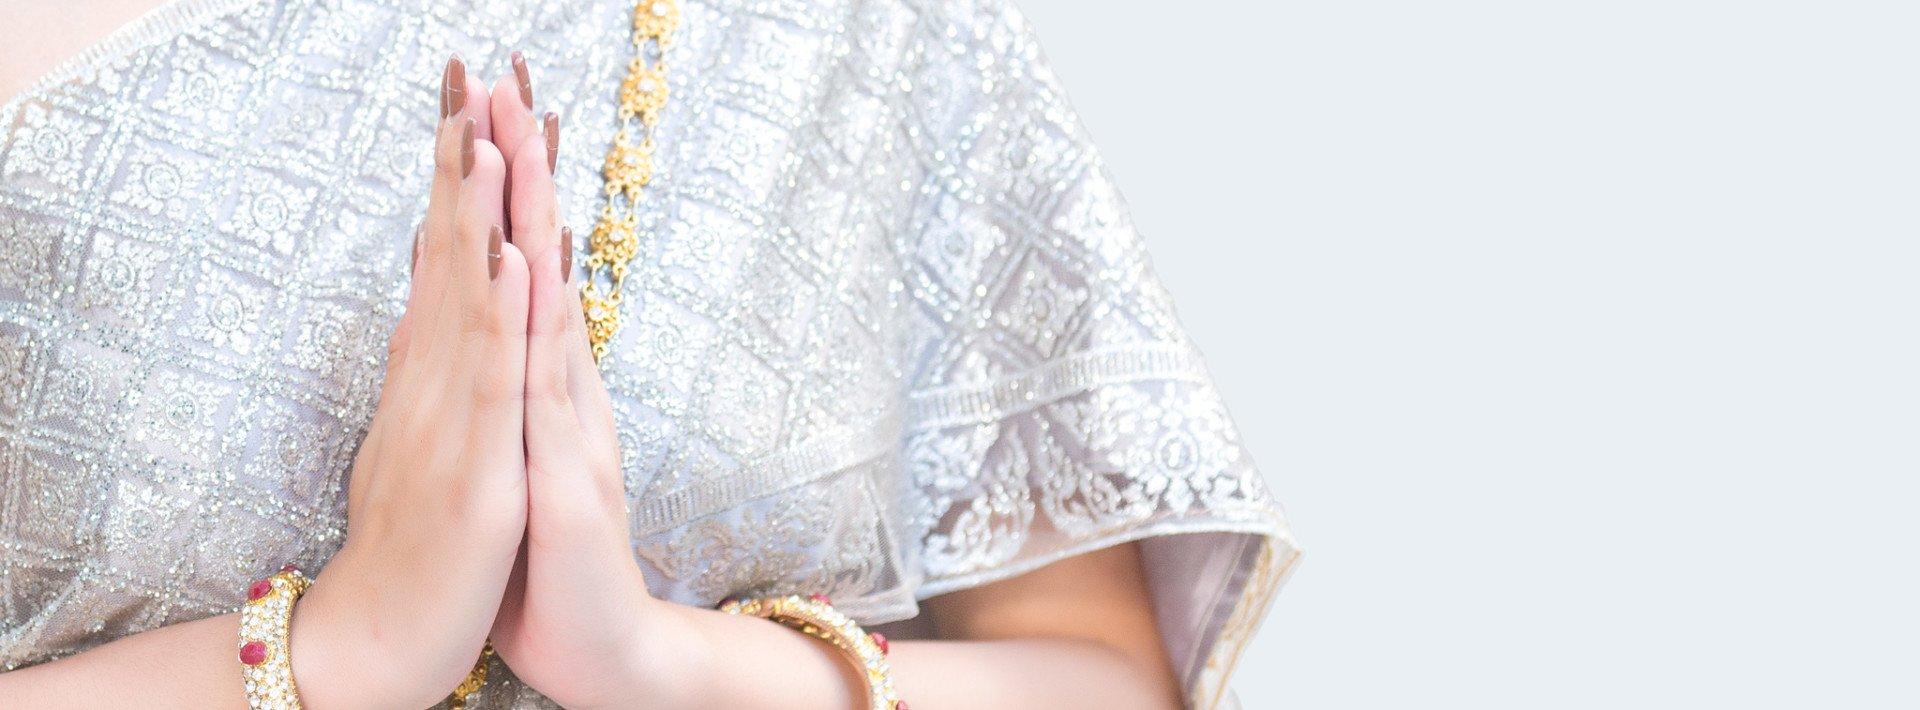 Молитвы и мантры для замужества - Женская Санга